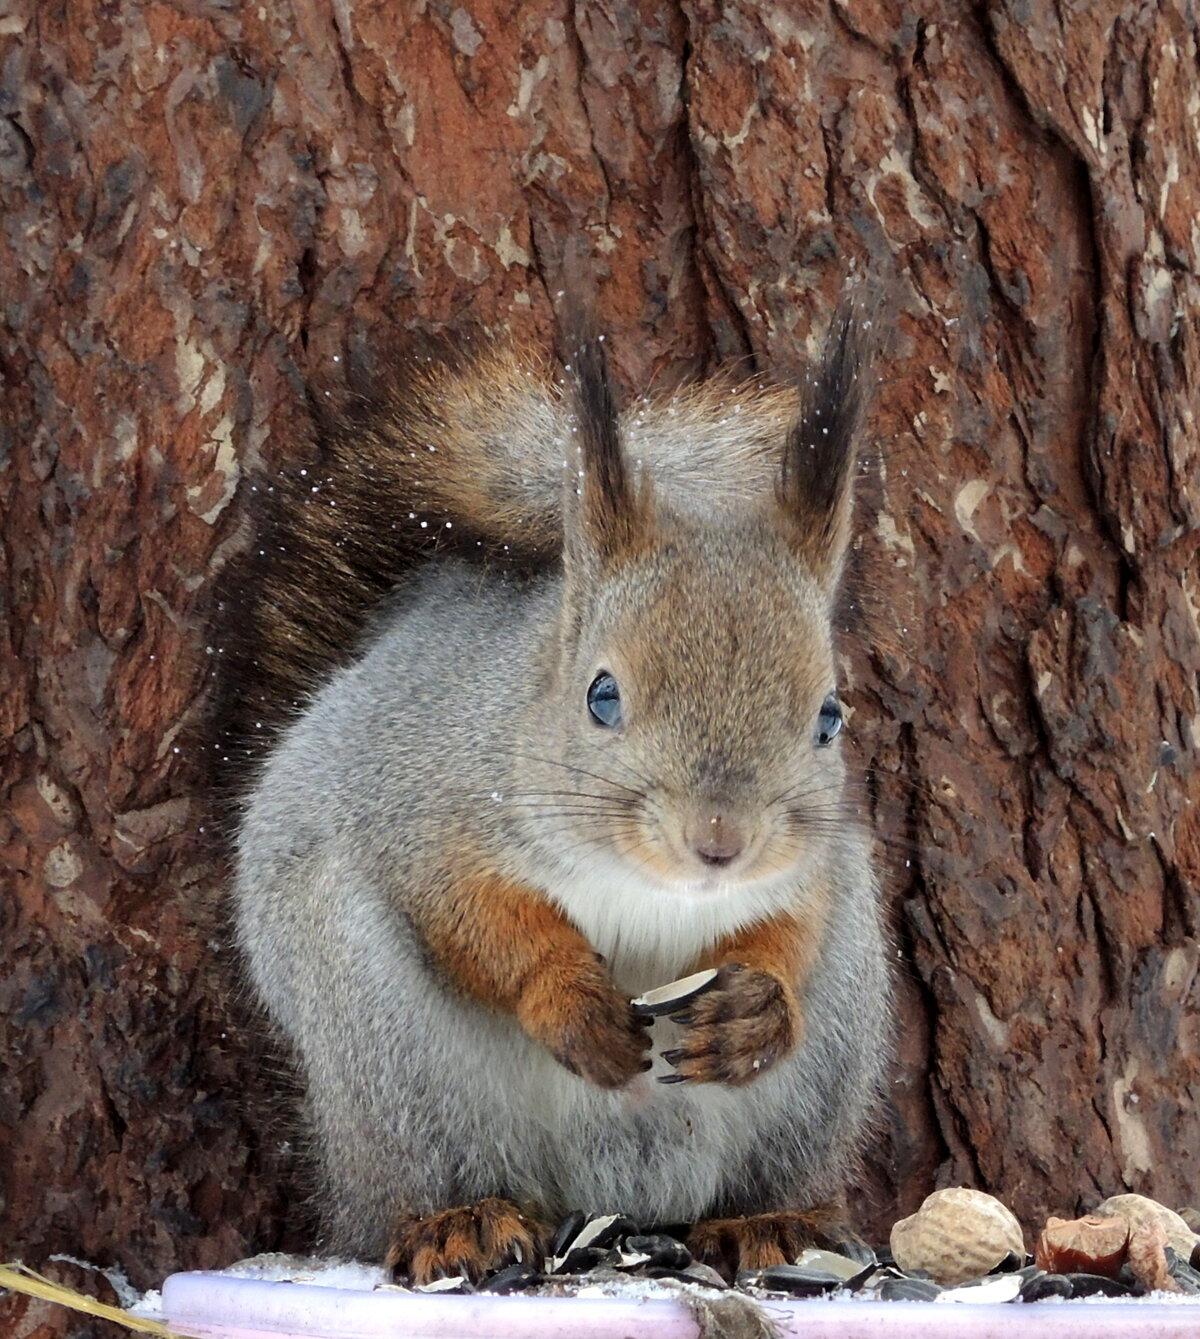 В зимней шубке#marinakolyadina #природа #фауна #животные #звери #белки #зима